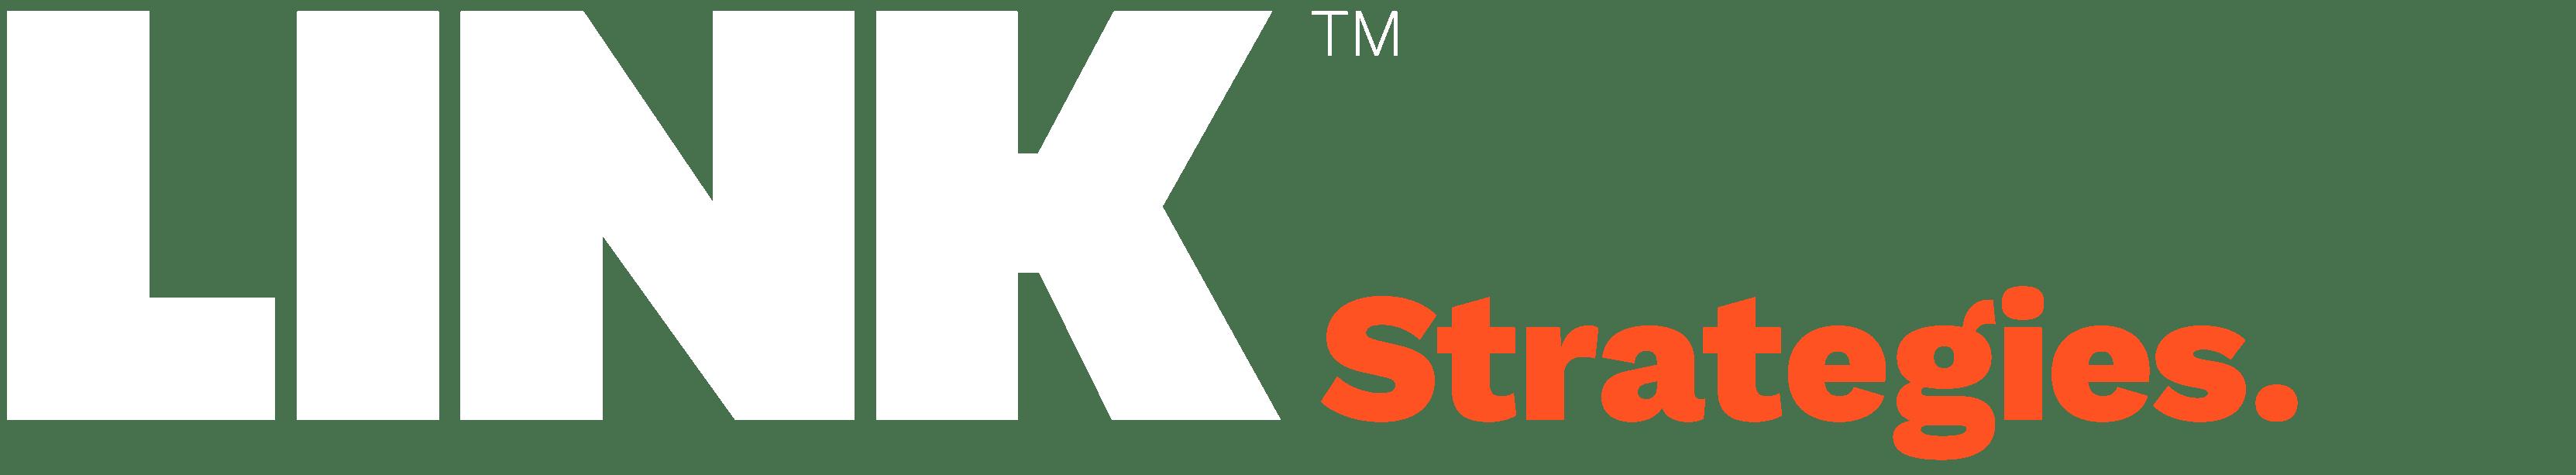 Web Equal Lengths_Link Strategies Reversed